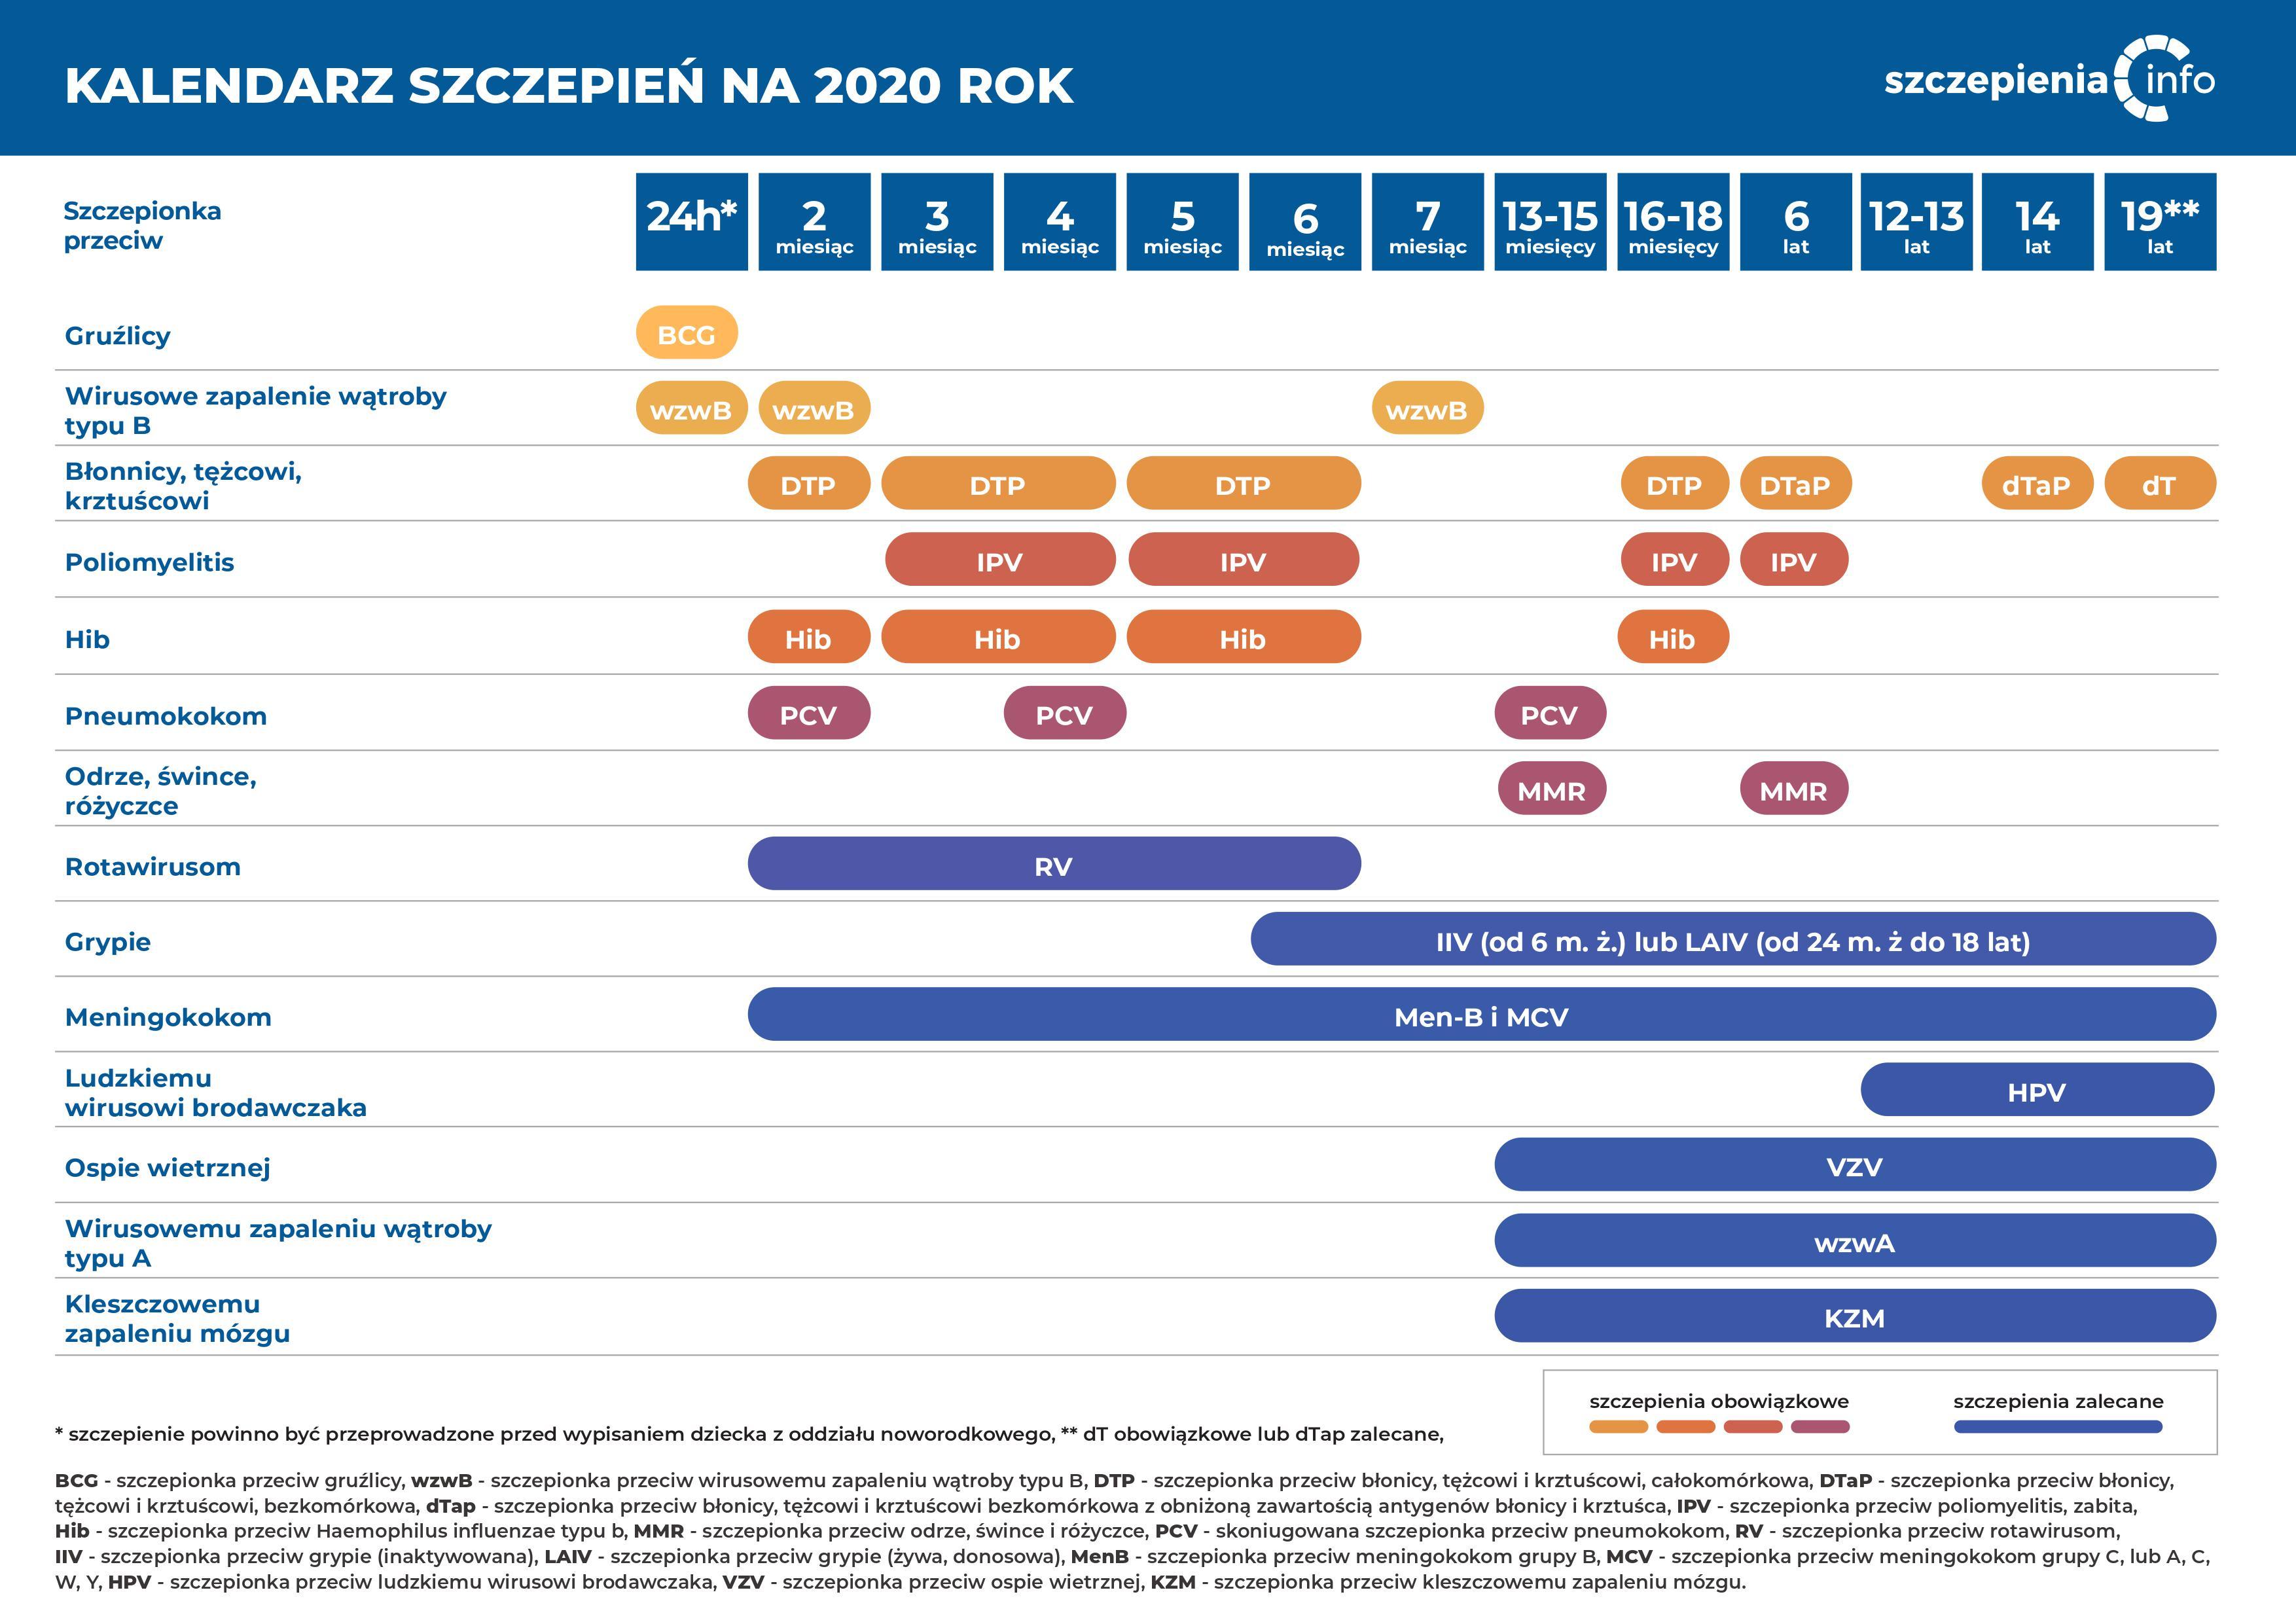 Kalendarz szczepień na 2020 rok. Źródło: szczepienia.pzh.gov.pl